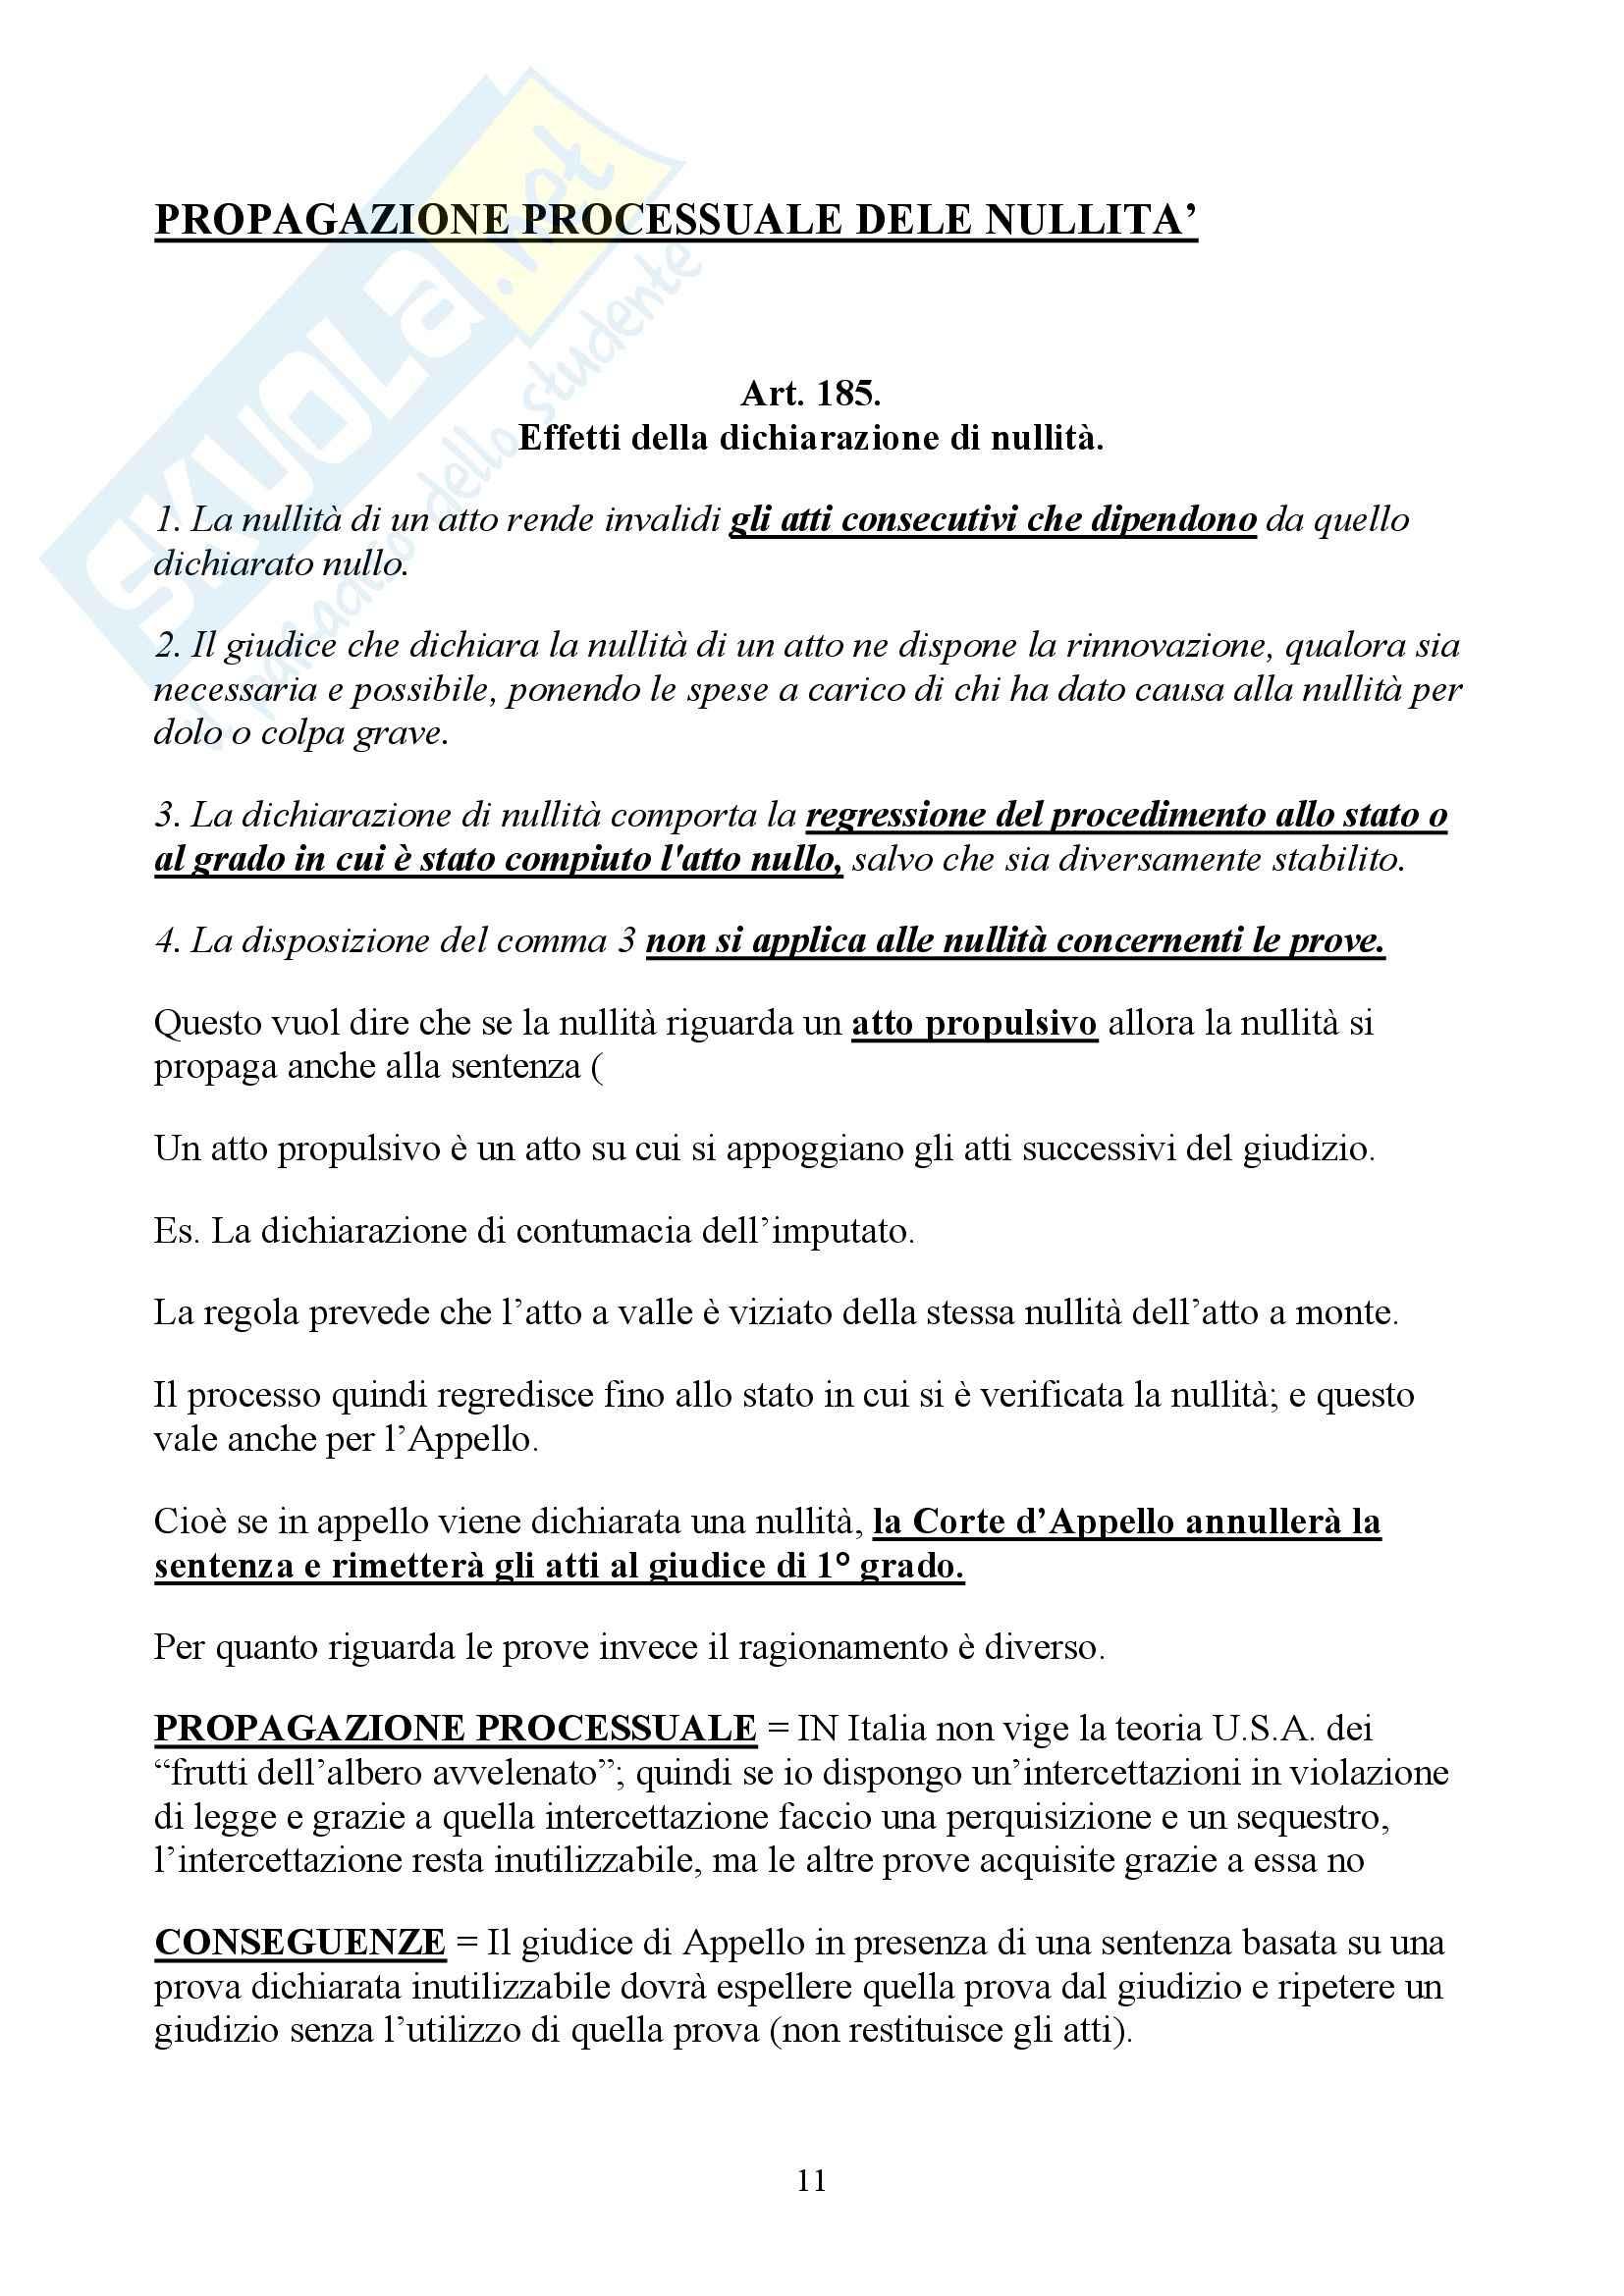 Diritto processuale penale II - Appunti Pag. 11